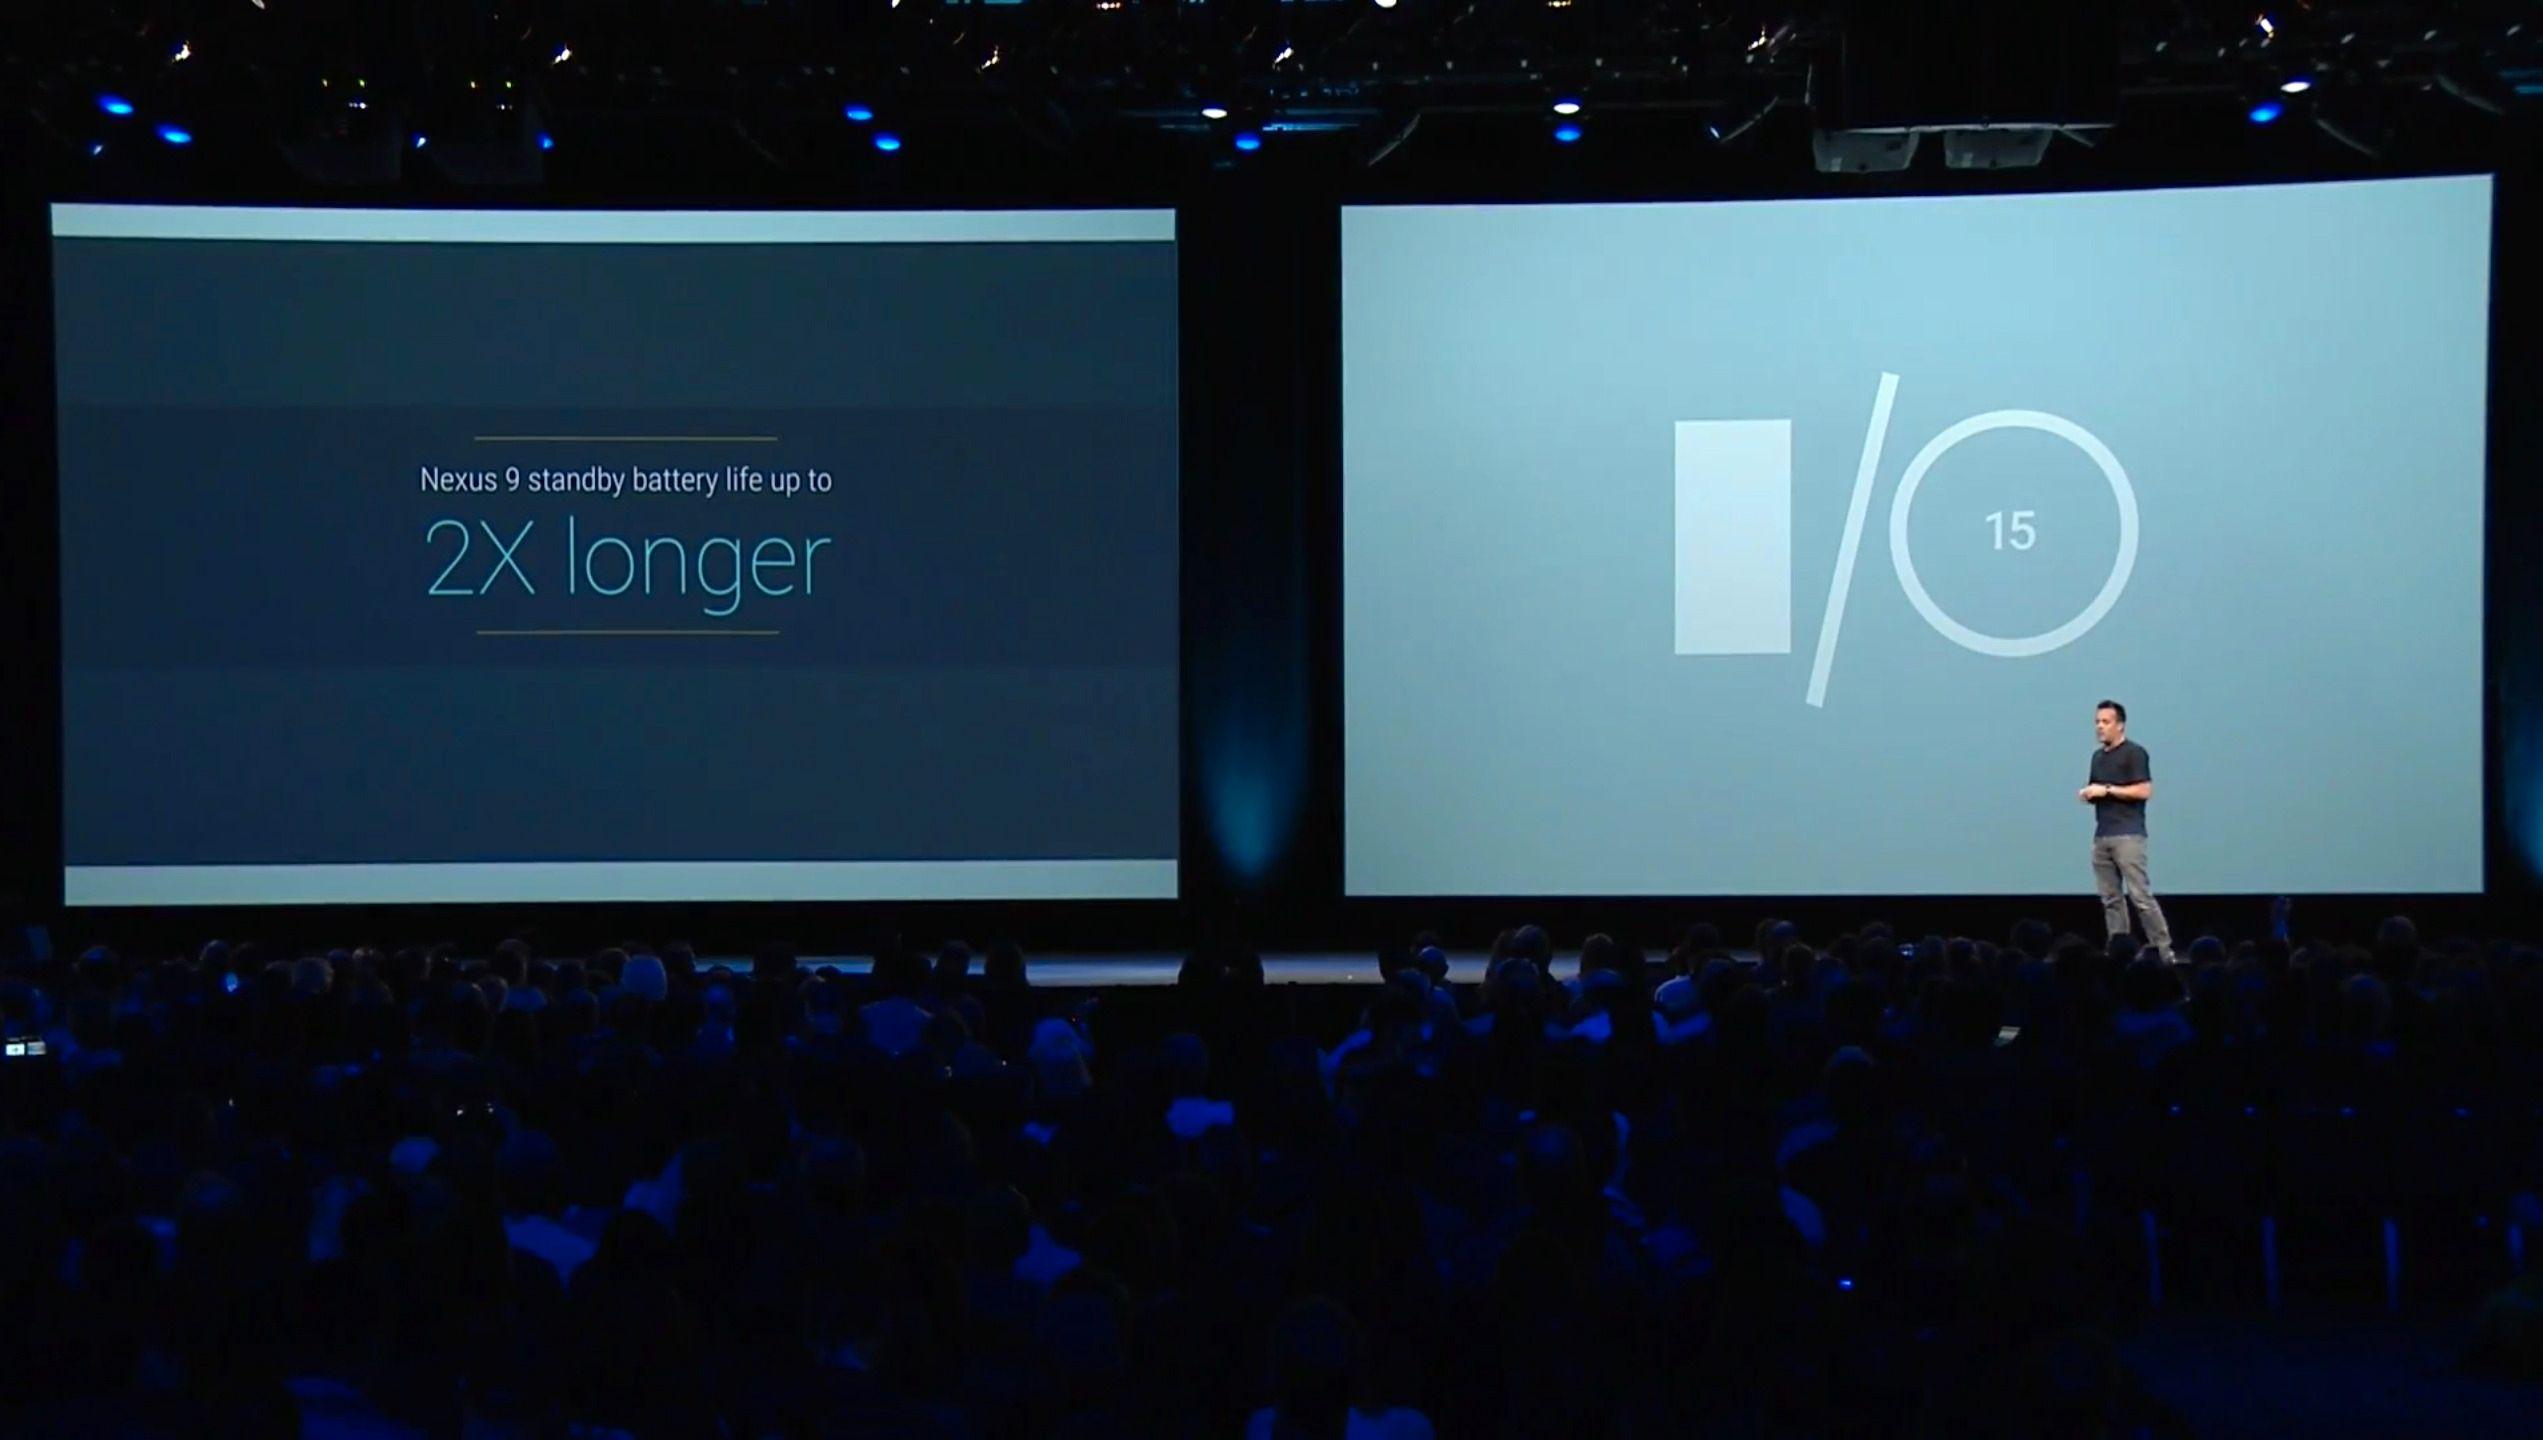 Google klarte å øke batteritiden i Nexus 9 til det dobbelte. Foto: Skjermdump, Youtube/Google